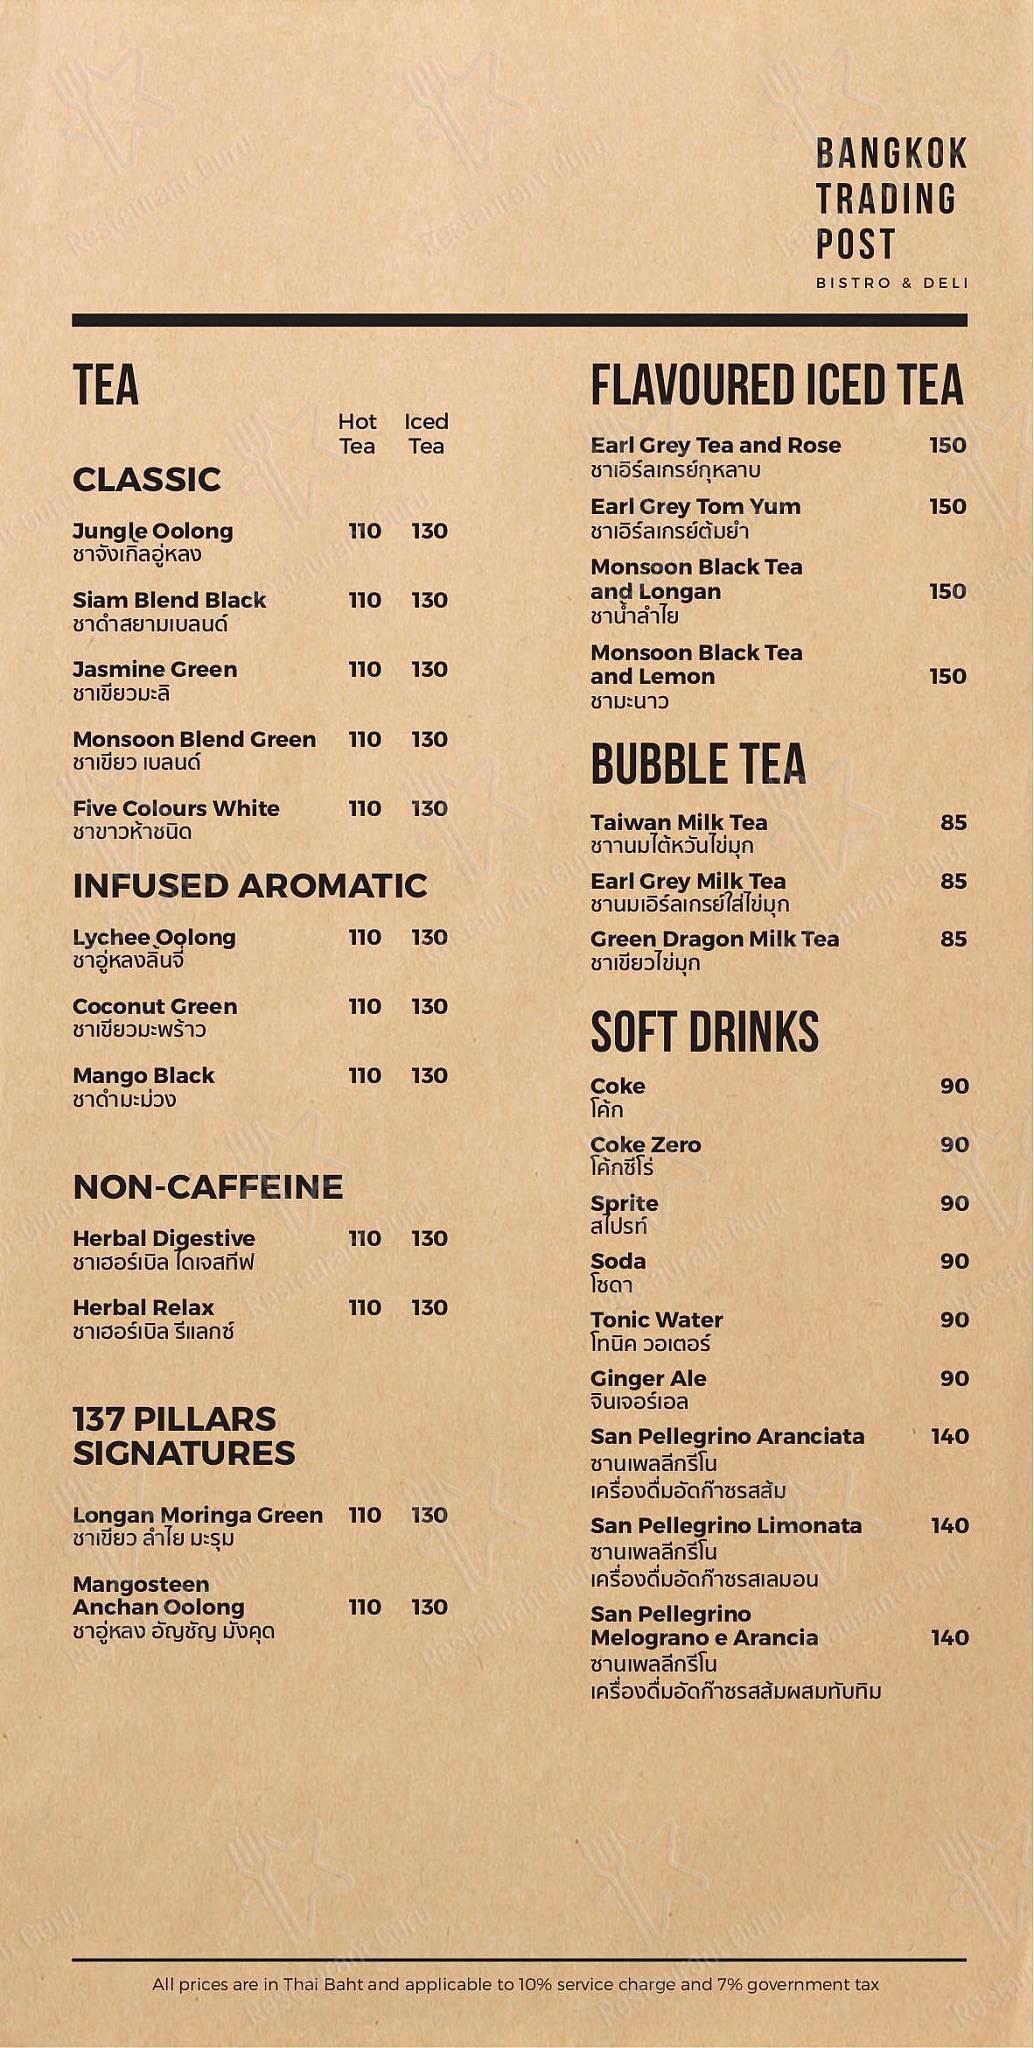 Bangkok Trading Post menu - meals and drinks